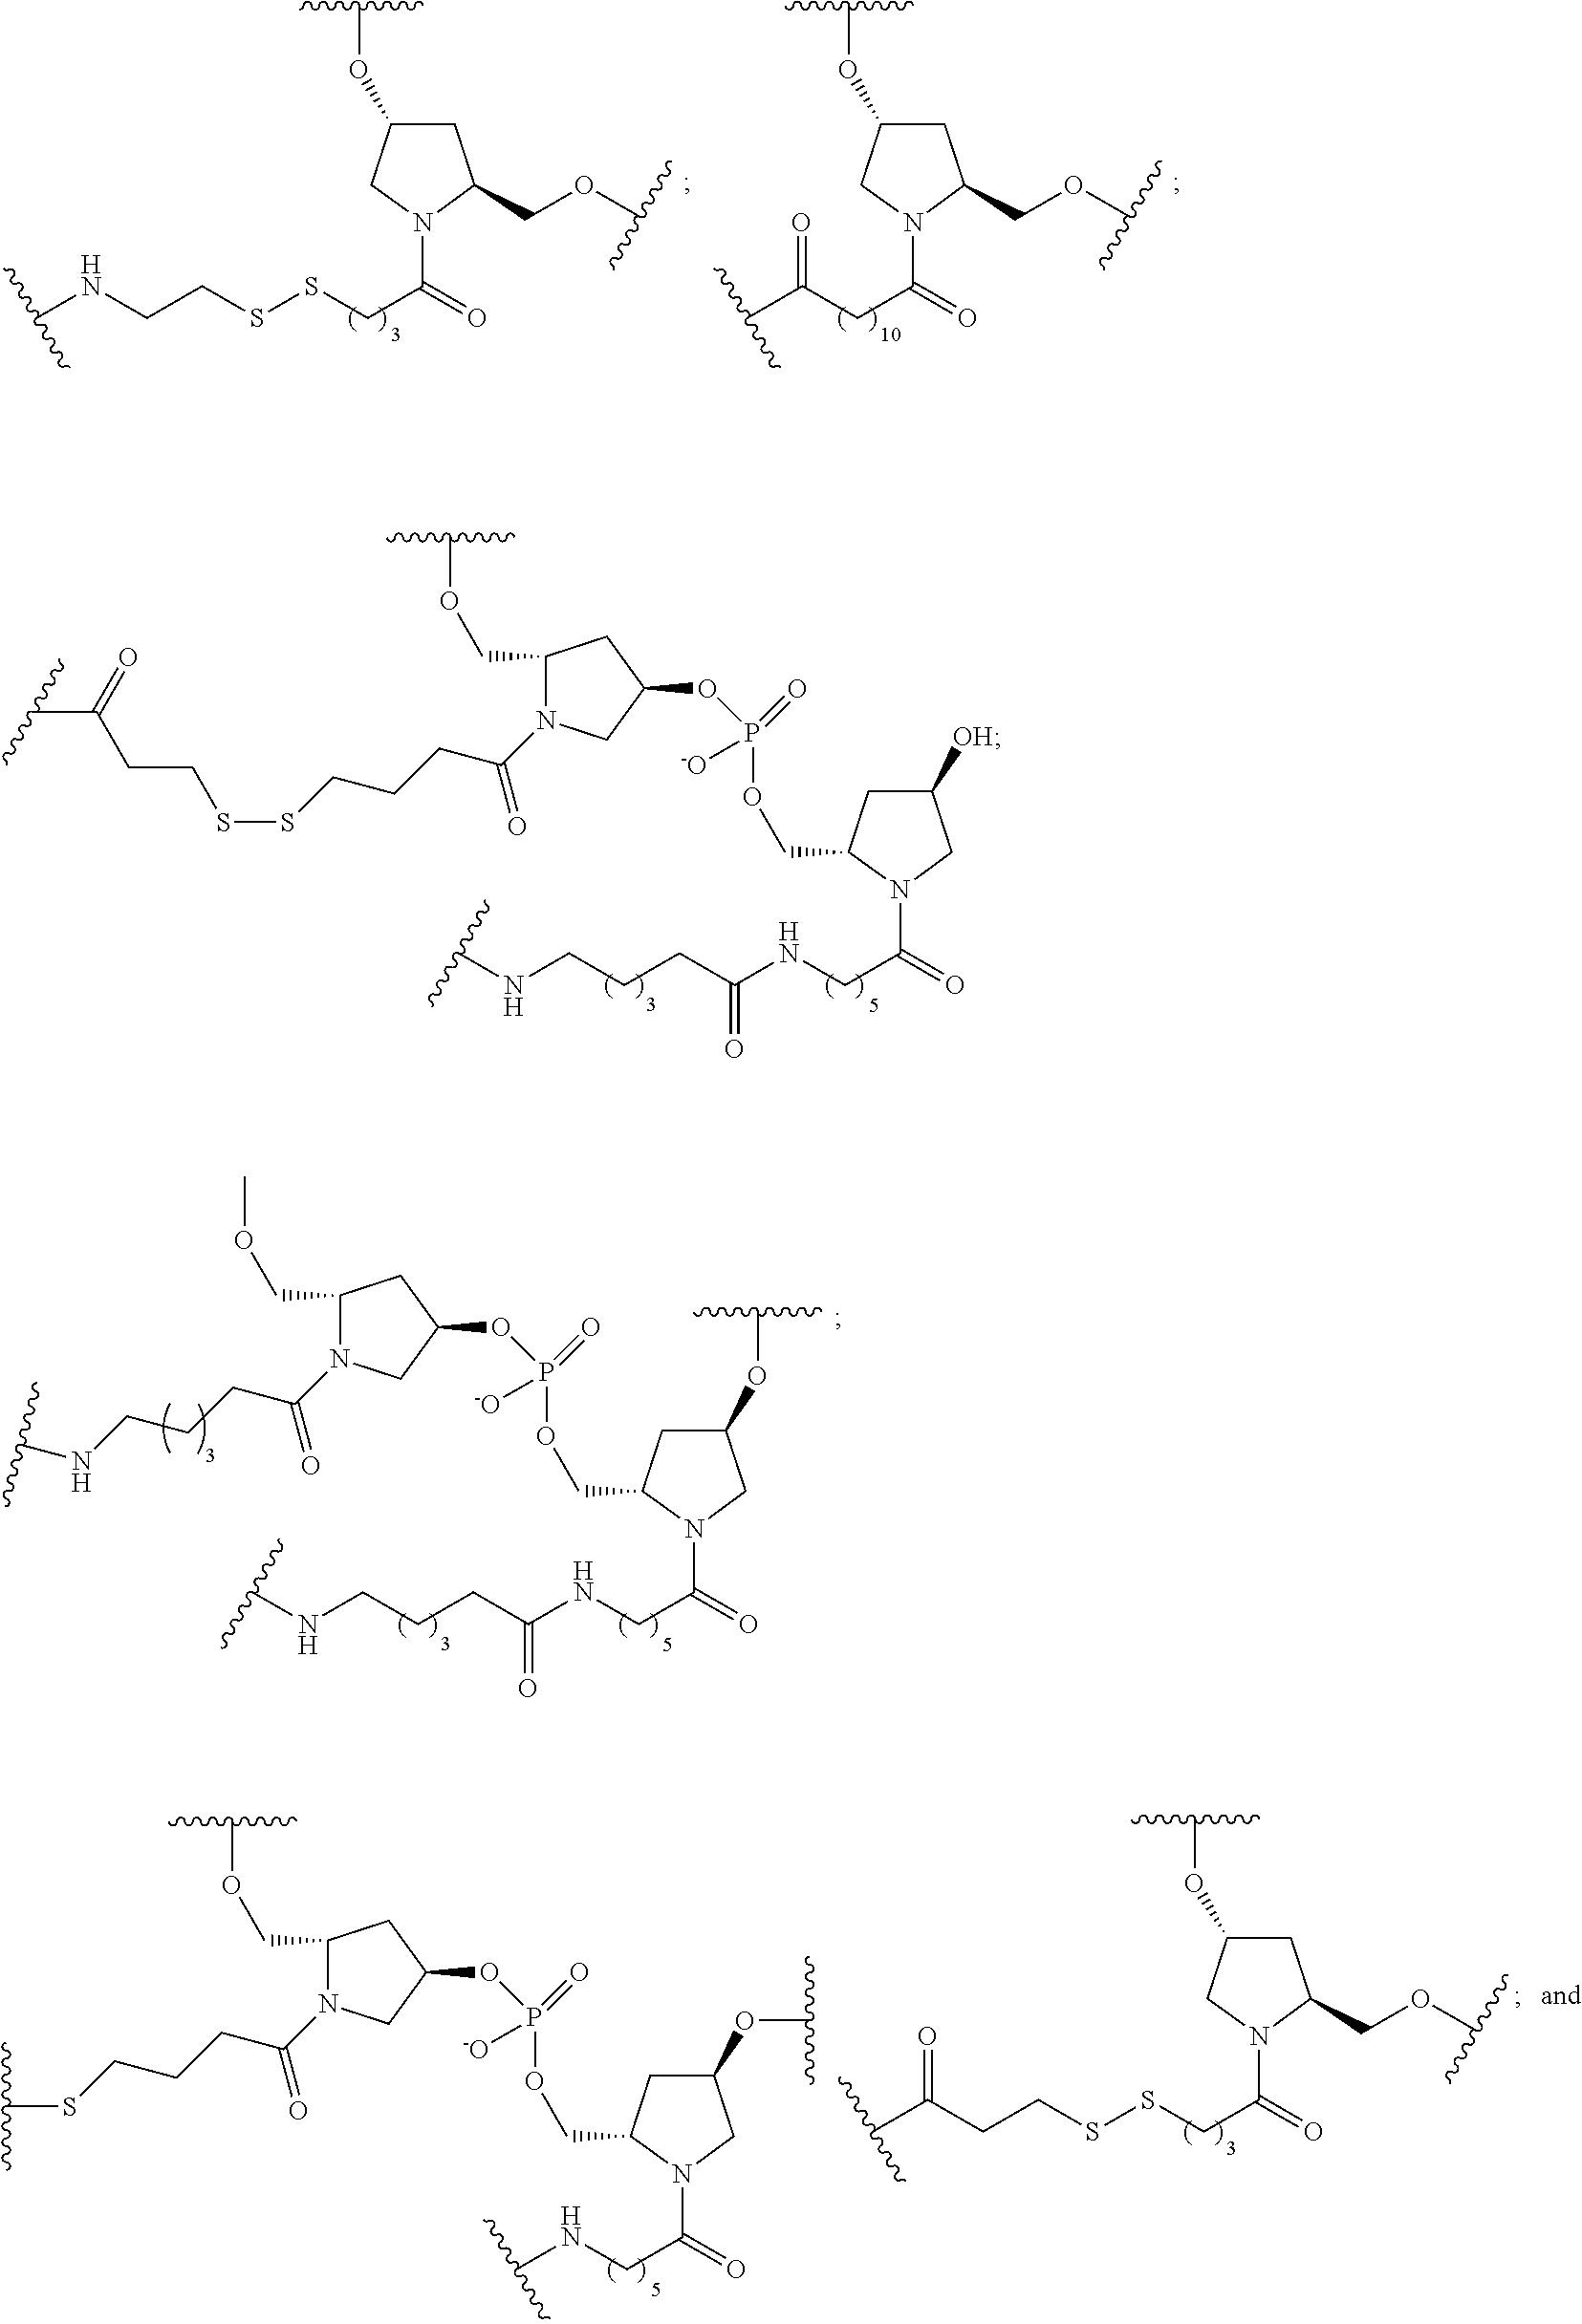 Figure US09994855-20180612-C00053